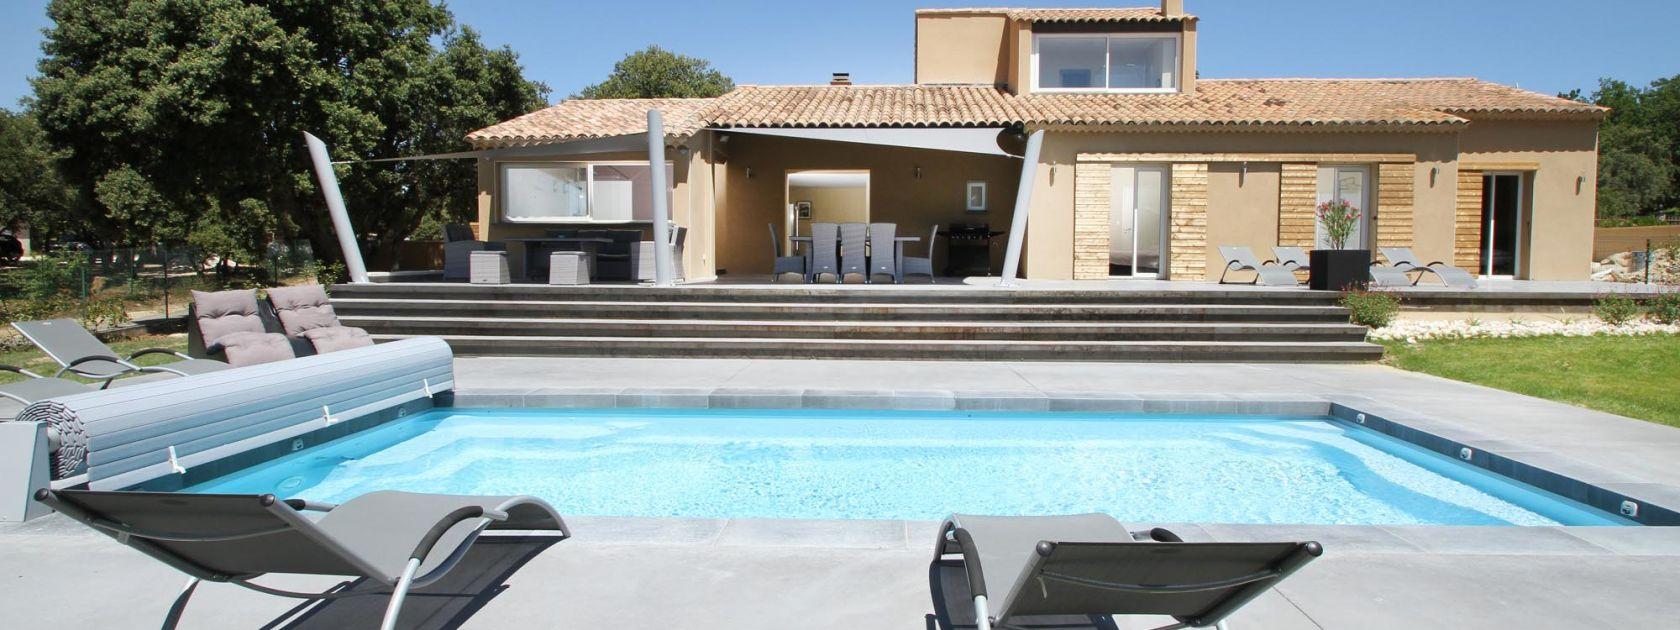 Gites chambres hotes drome location vacances drome 26 - Gites de france luberon avec piscine ...